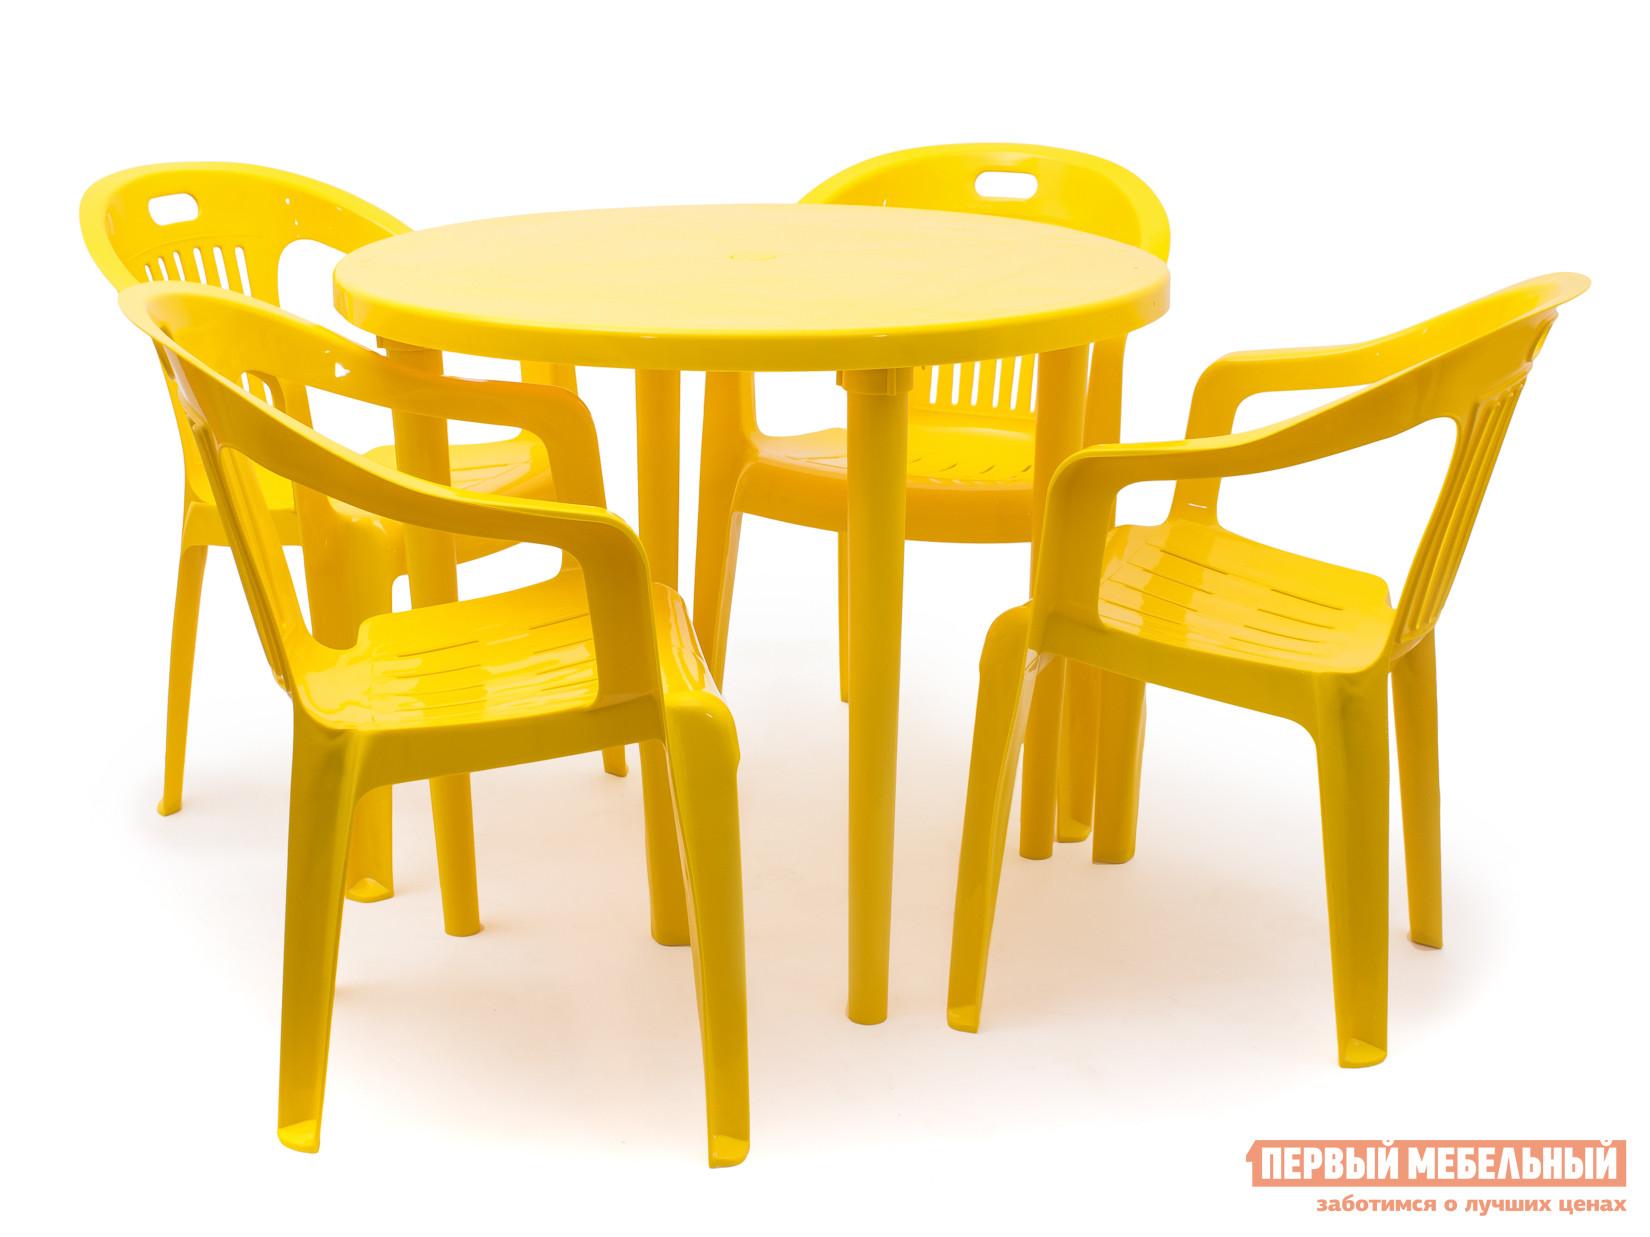 Набор пластиковой мебели Стандарт Пластик Стол круглый, д. 900 мм + Кресло №5 Комфорт-1(540x535x780мм), 4 шт. ЖелтыйНаборы пластиковой мебели<br>Габаритные размеры ВхШхГ xx мм. Готовый комплект сэкономит время при выборе и покупке пластиковой мебели.  Мы уже составили для вас лучшие варианты сочетающихся между собой элементов.  В этот набор входит круглый пластиковый стол диаметром 90 см и четыре кресла с подлокотниками. Каждое кресло рассчитано на максимальный вес 120 кг. Размеры элементов:Стол: 700 Х 900 Х 900 мм, вес 5 кг; Кресло: 780 Х 540 Х 535 мм, вес 2. 4 кг. Кресла поставляются в собранном виде.  Стол разобран – для сборки стола необходимо вкрутить ножки в столешницу.<br><br>Цвет: Желтый<br>Кол-во упаковок: 5<br>Форма поставки: В собранном виде<br>Срок гарантии: 1 год<br>Тип: На 4 персоны